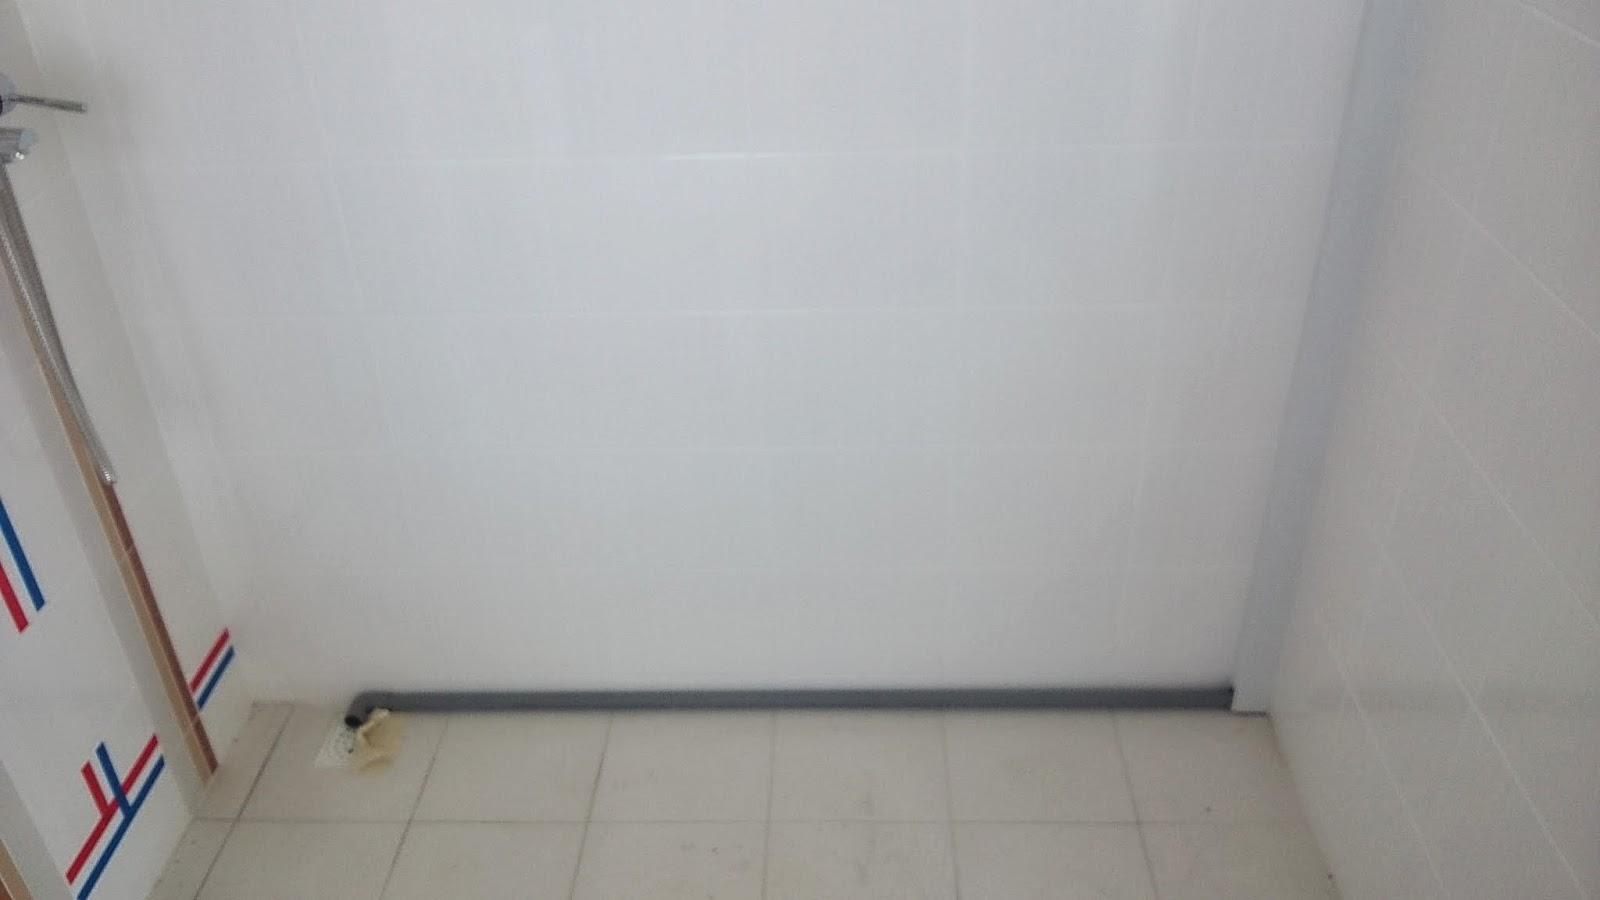 DIY renovation Midea Air conditioner installation day